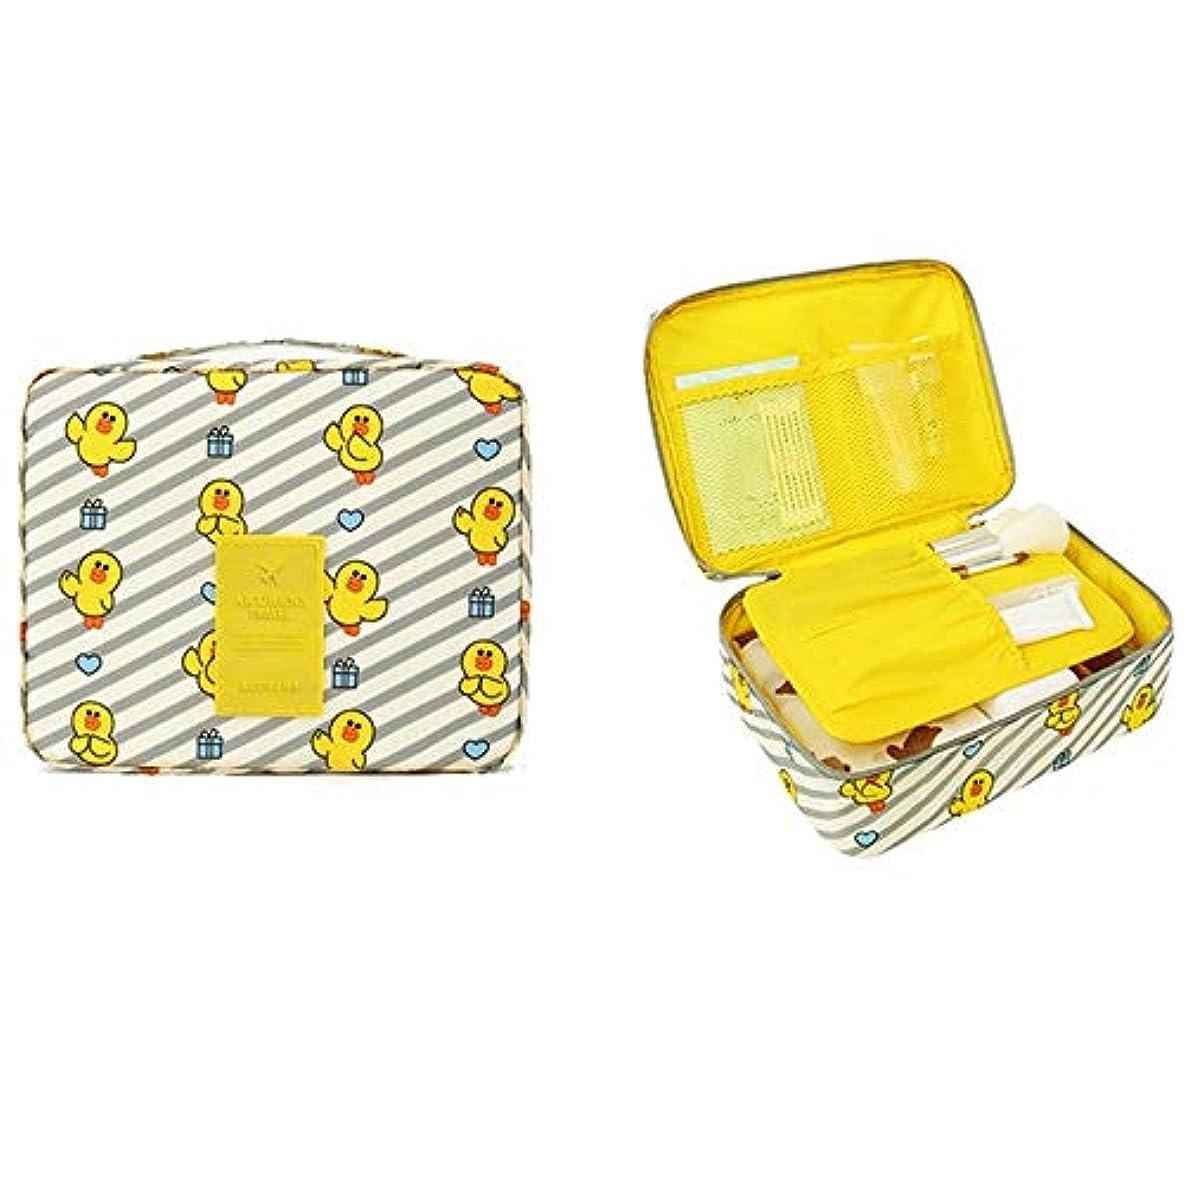 レッスン聖人コックメイクボックス 化粧ポーチ メイクブラシバッグ 収納ケース スーツケース?トラベルバッグ 化粧 バッグ メイクブラシ 化粧道具 小物入れ 旅行 (イエロー)